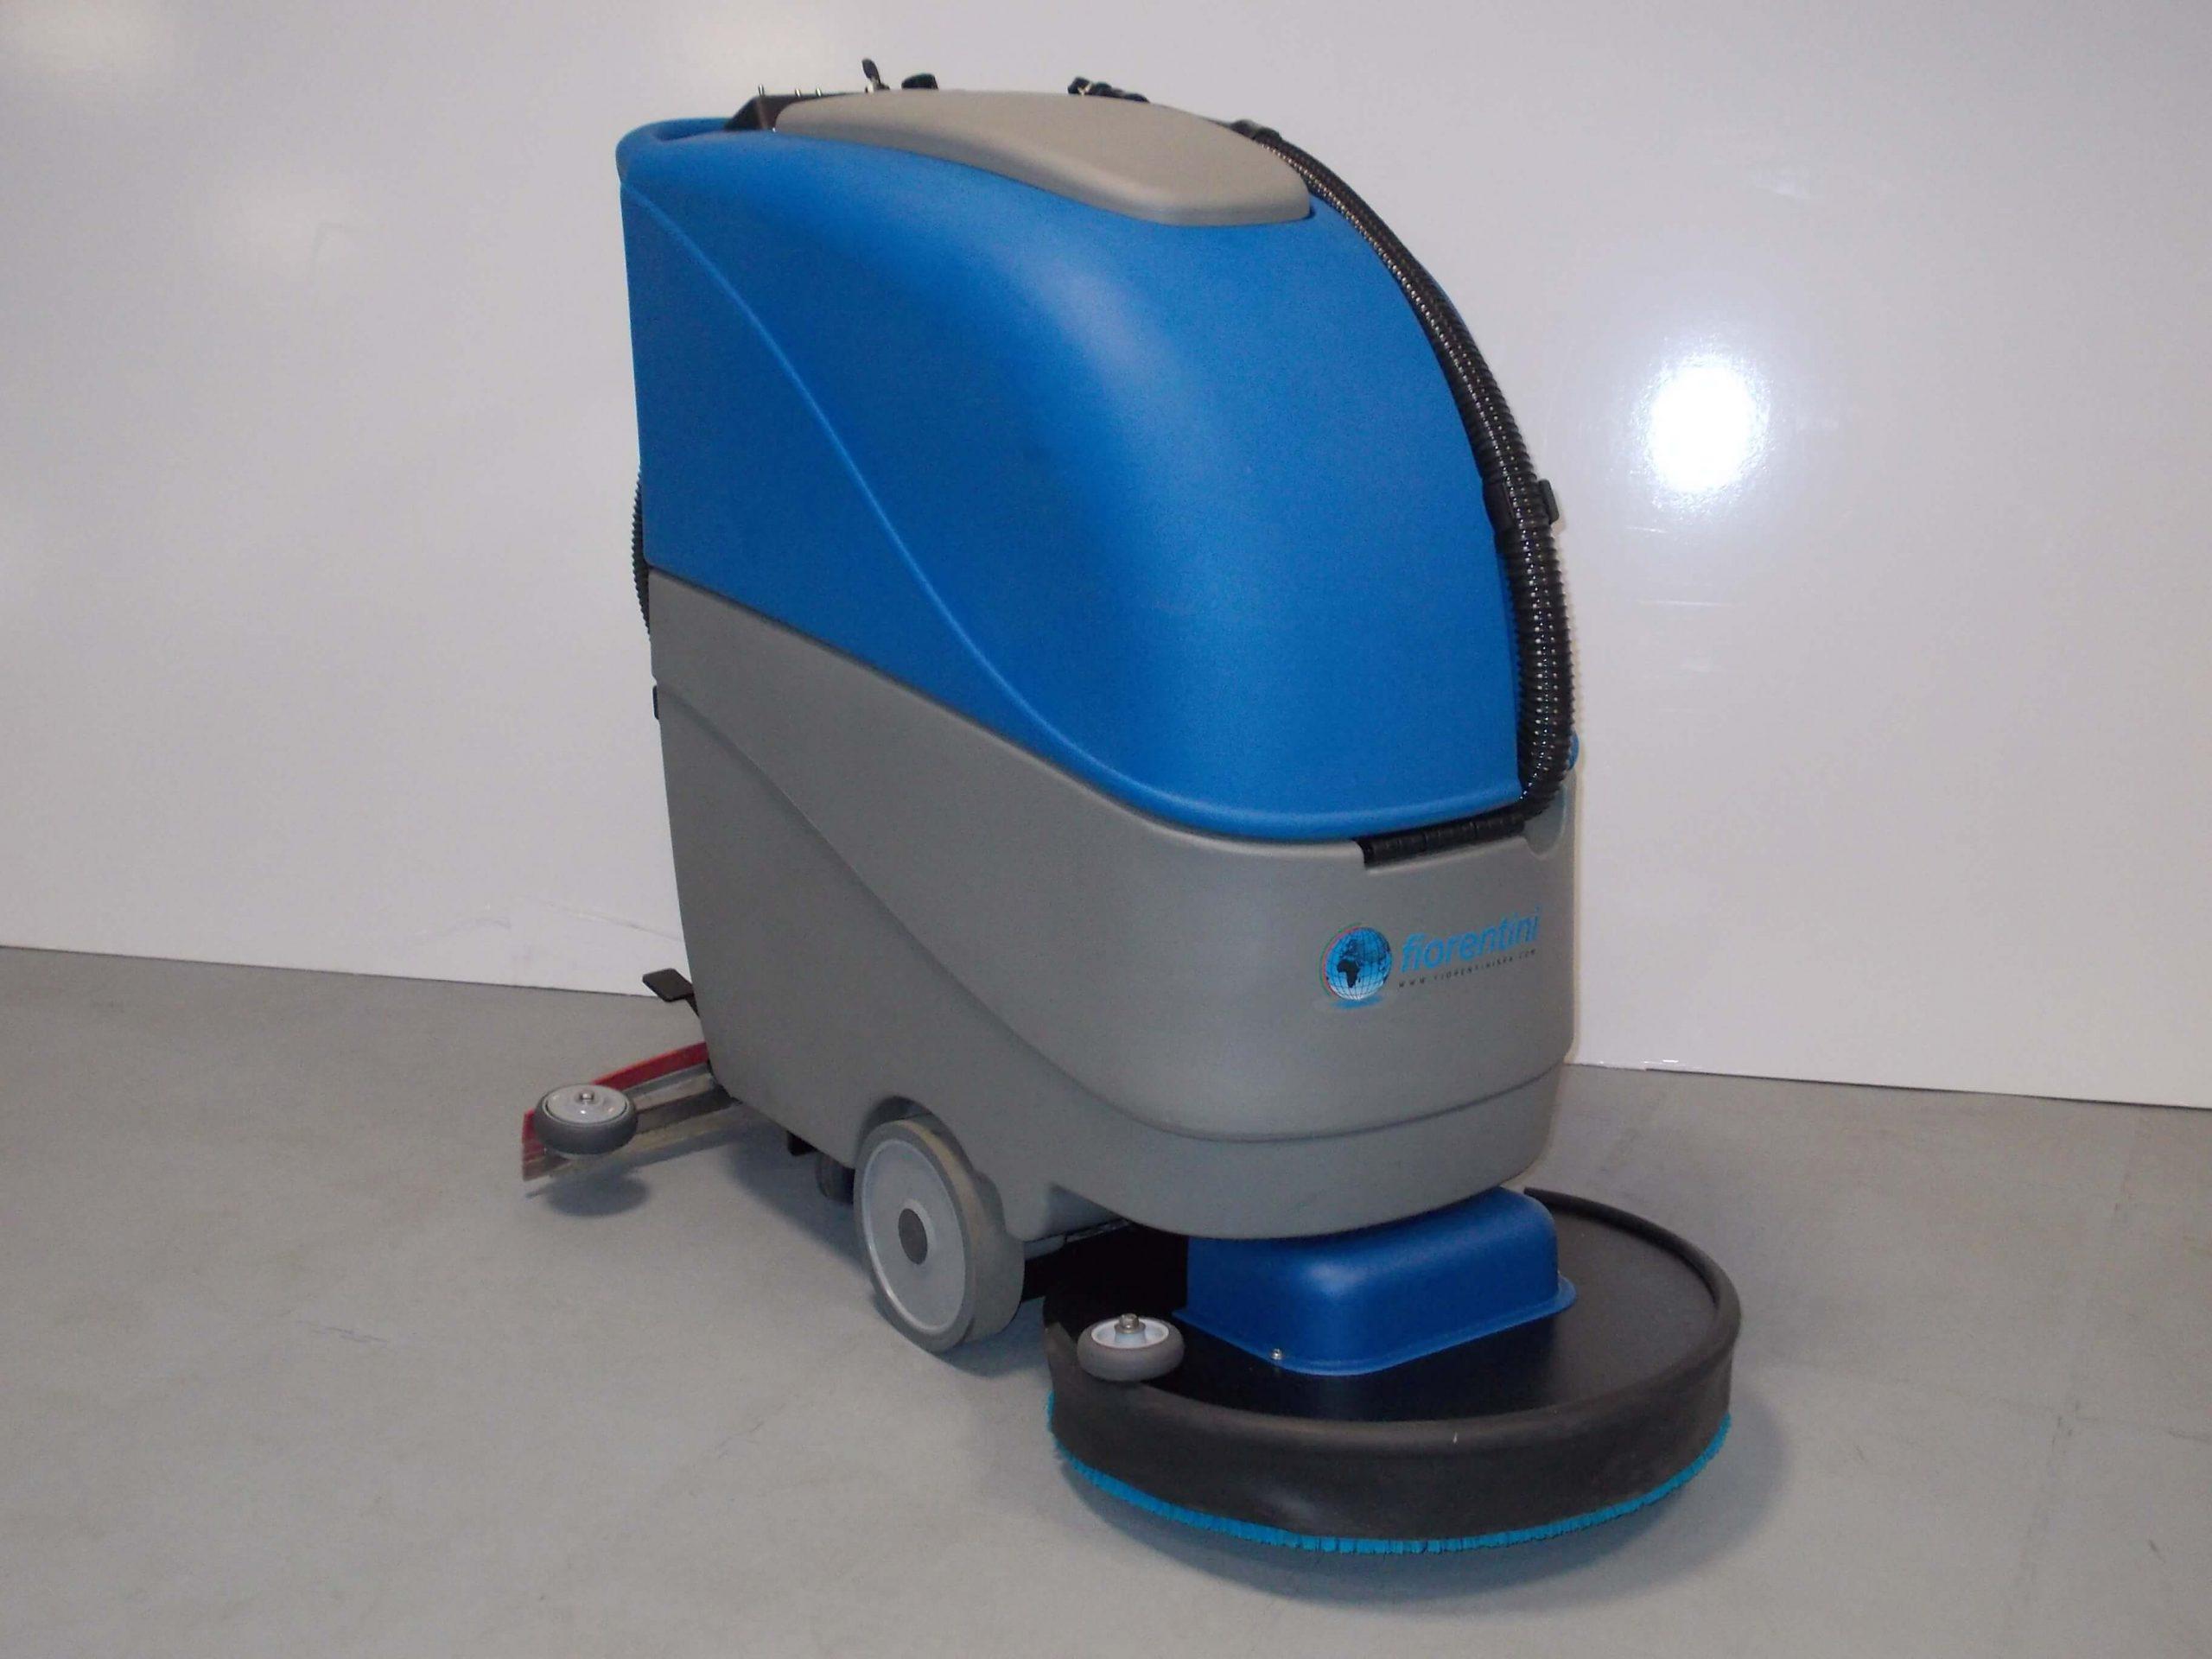 מכונת שטיפה דגם ECO 55